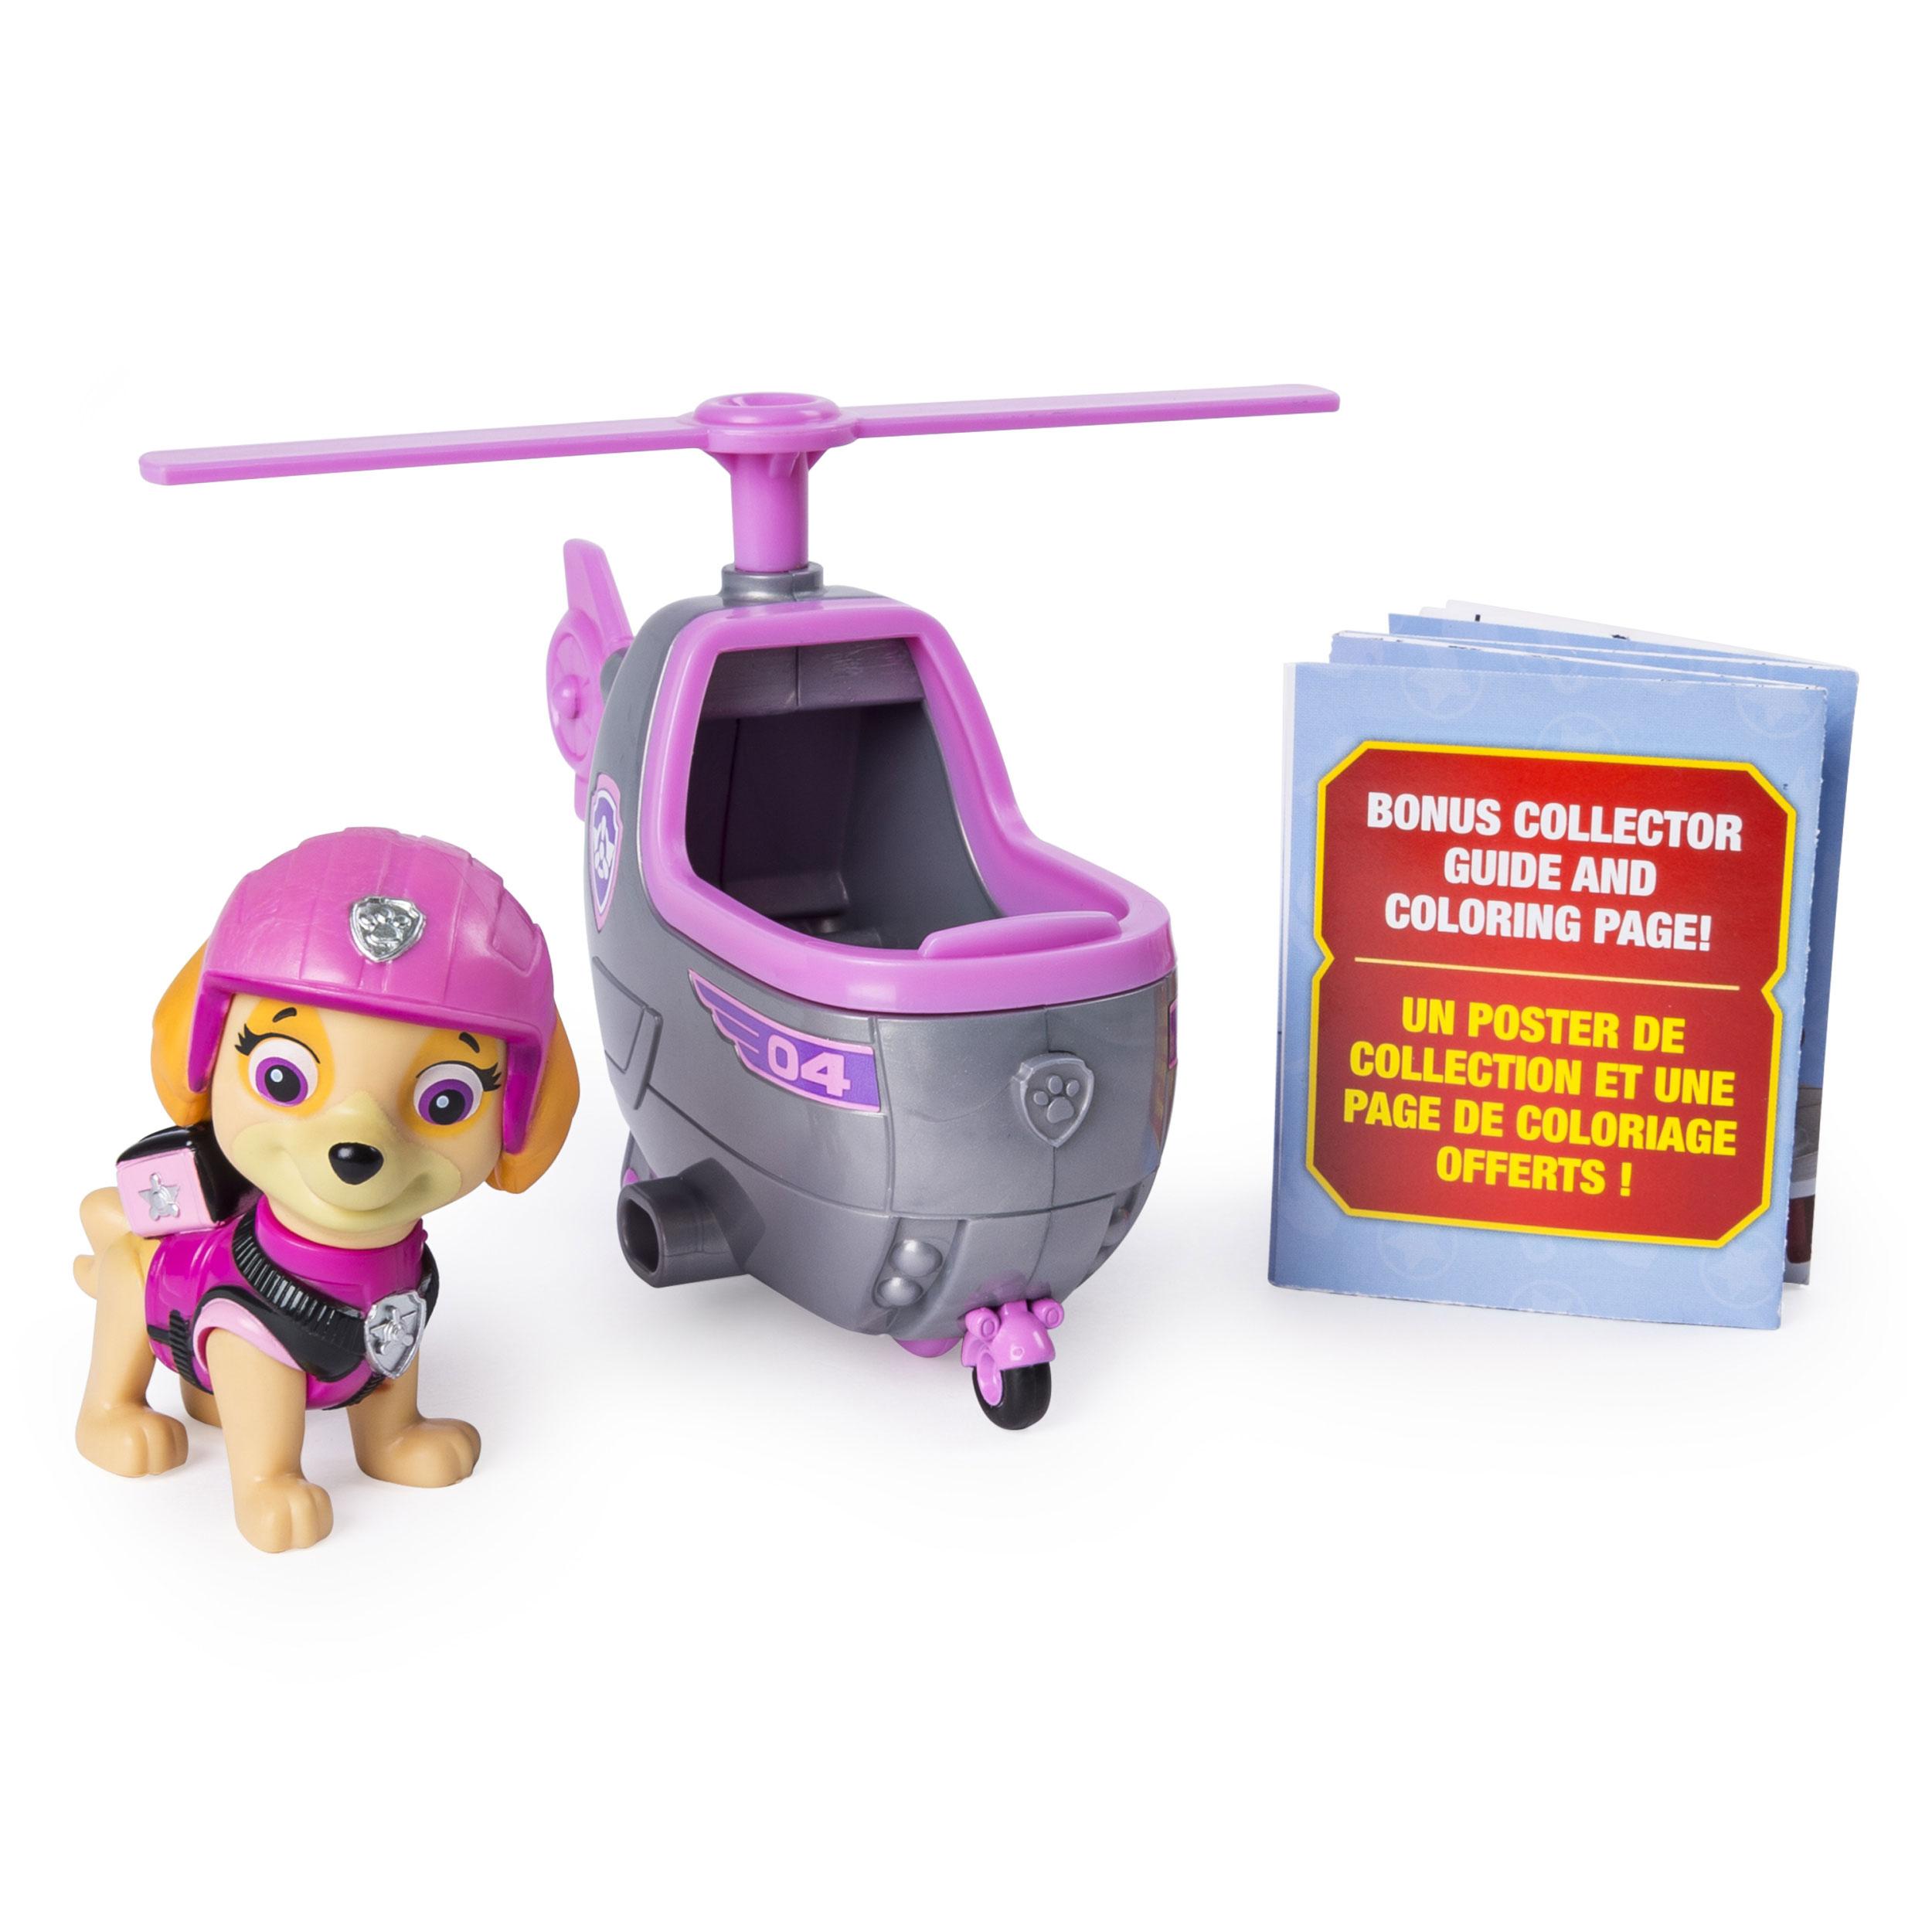 Paw Patrol Ultimate Rescue Mini Helicoptere De Stella Avec